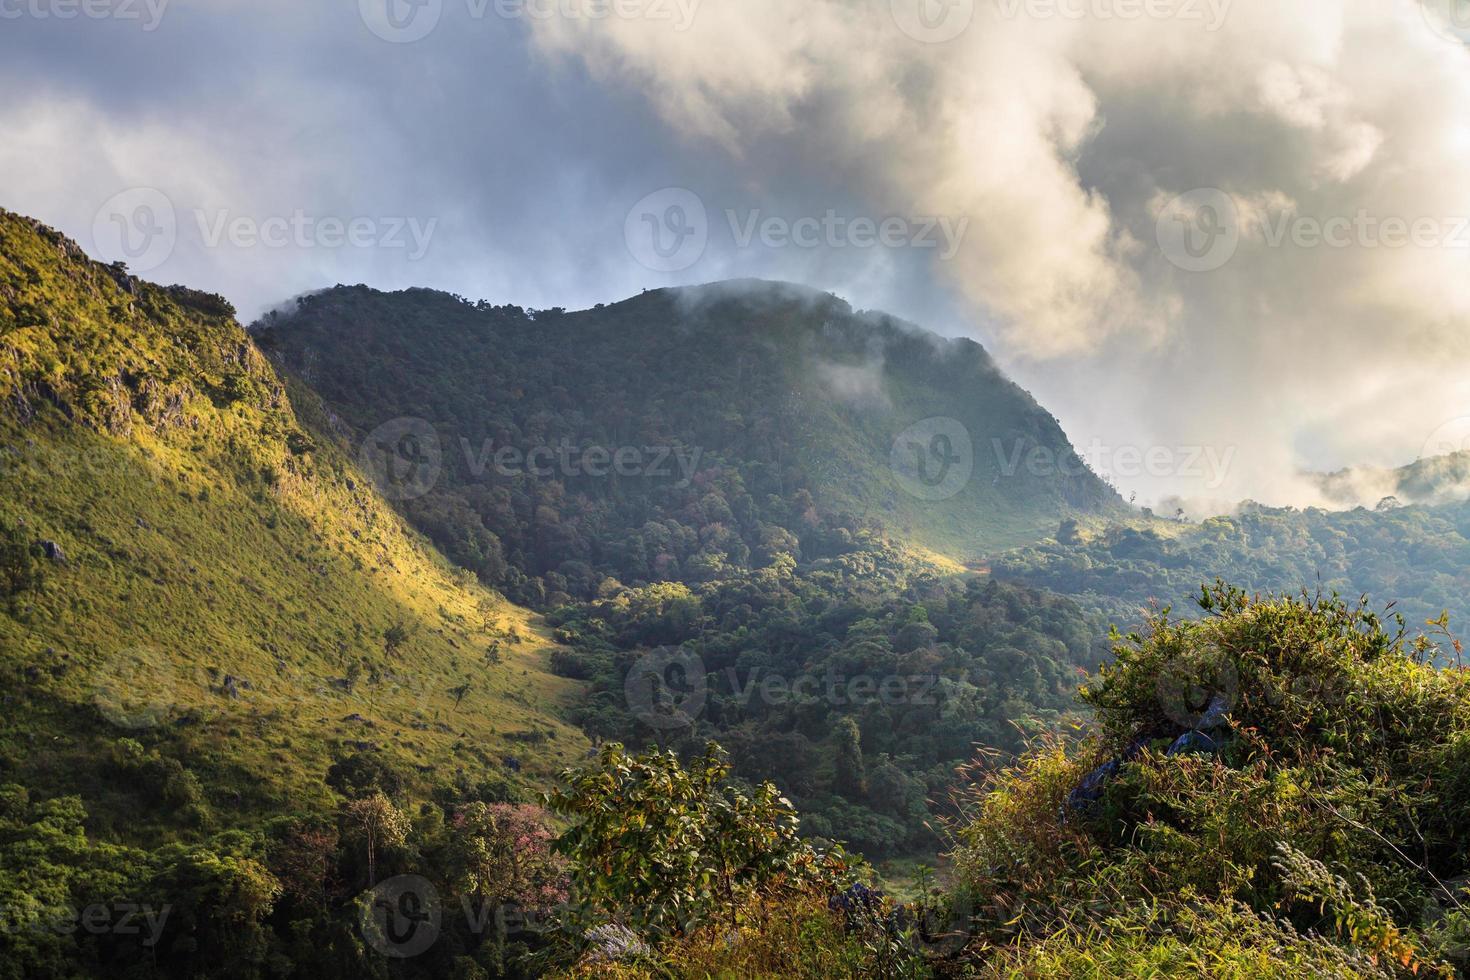 bergtop en regen mist blauwe hemel foto